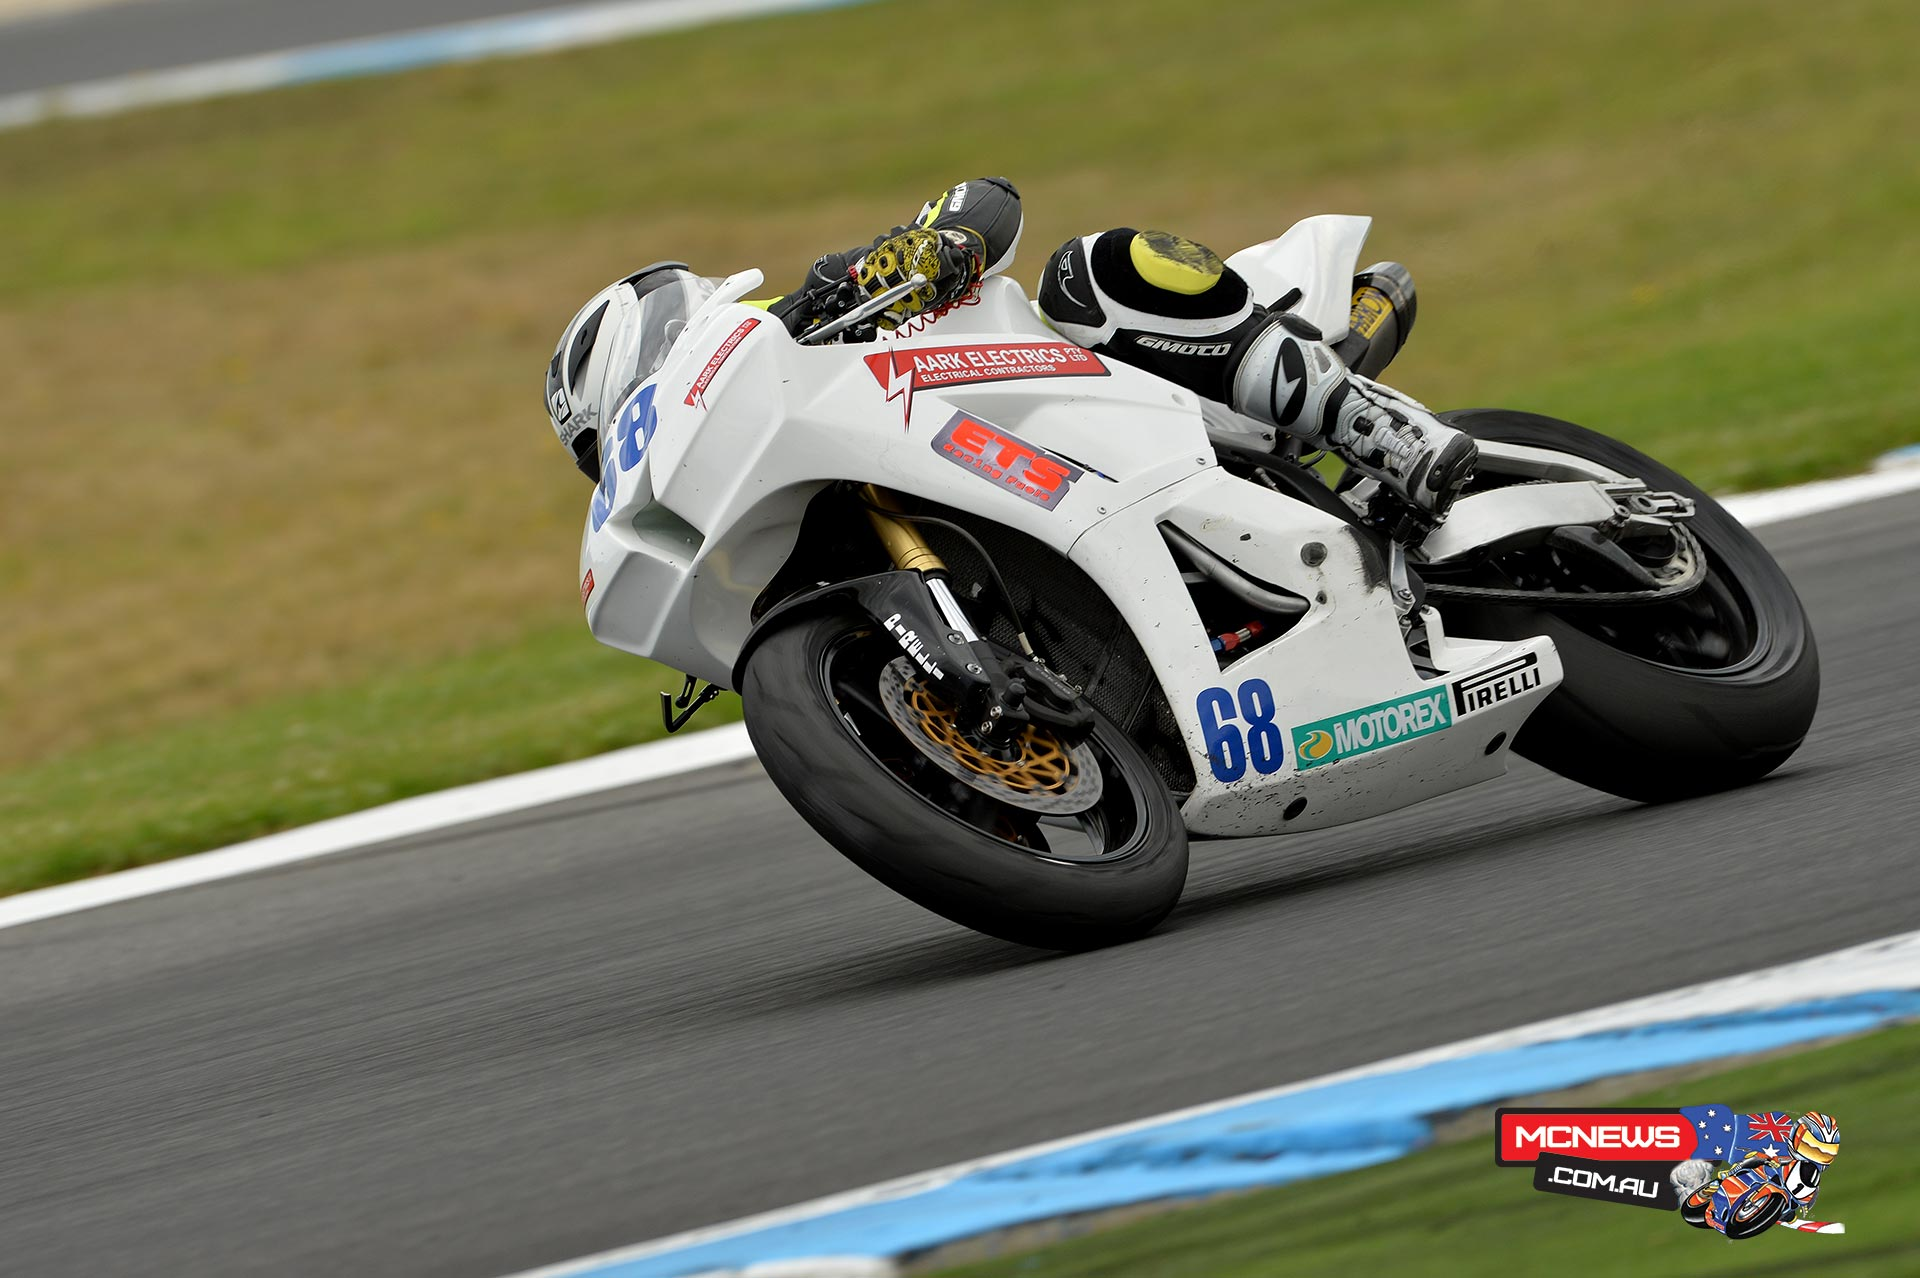 Glenn Scott on the AARK Honda CBR600RR World Supersport machine